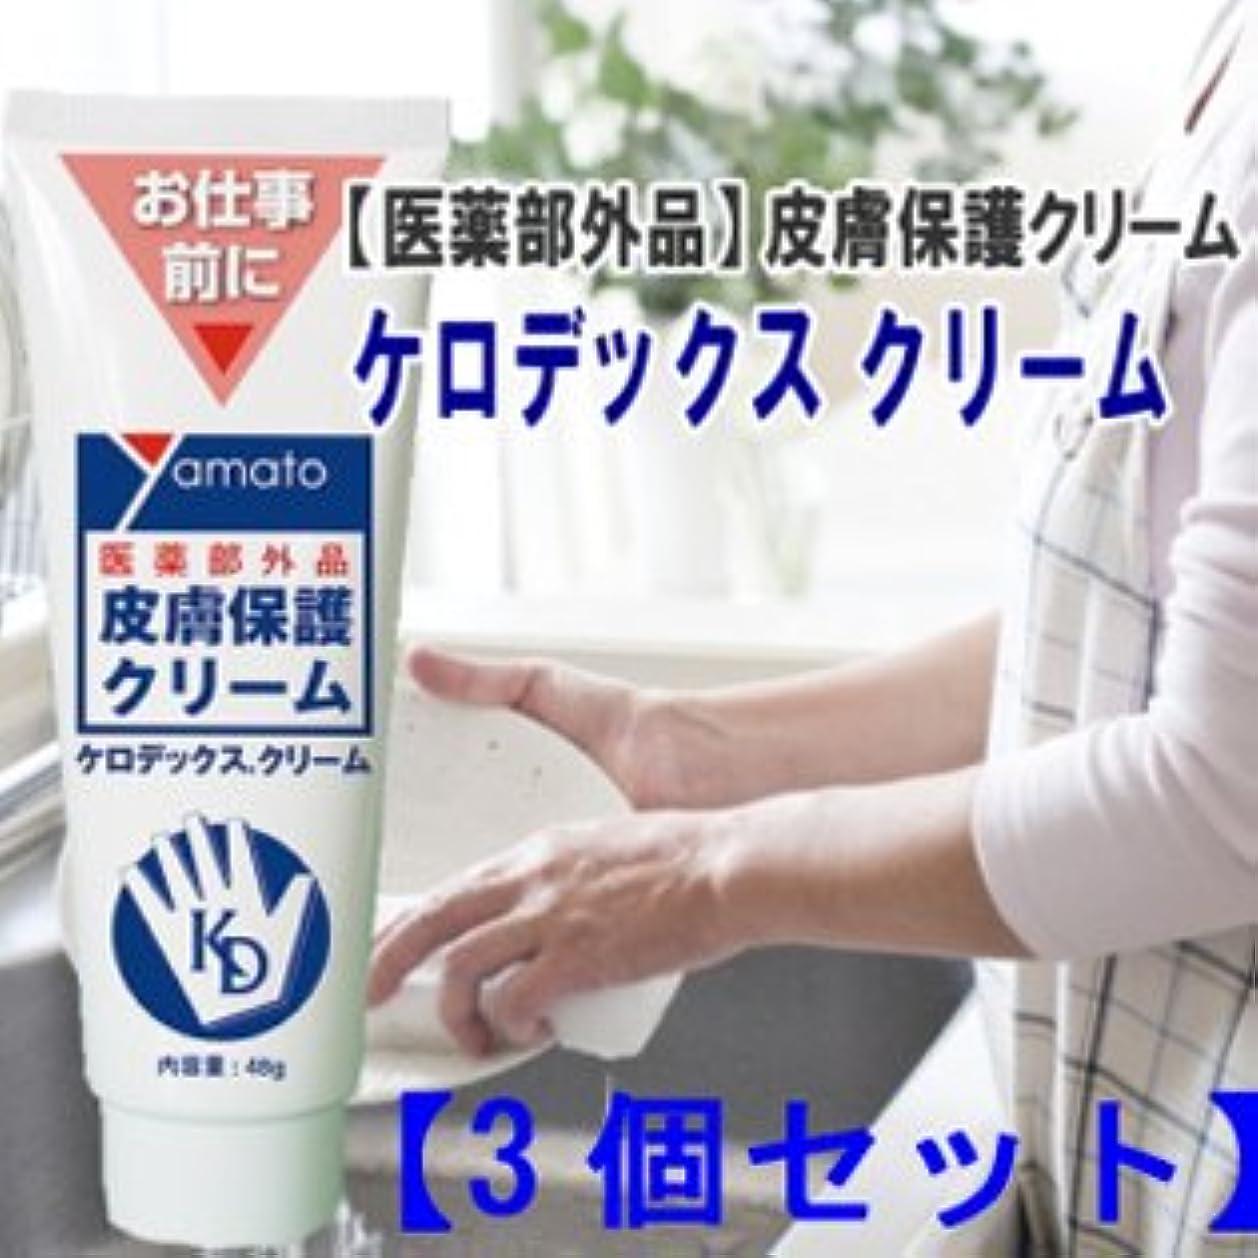 アセ経験以下医薬部外品 皮膚保護クリーム ケロデックスクリーム48g 3個セット